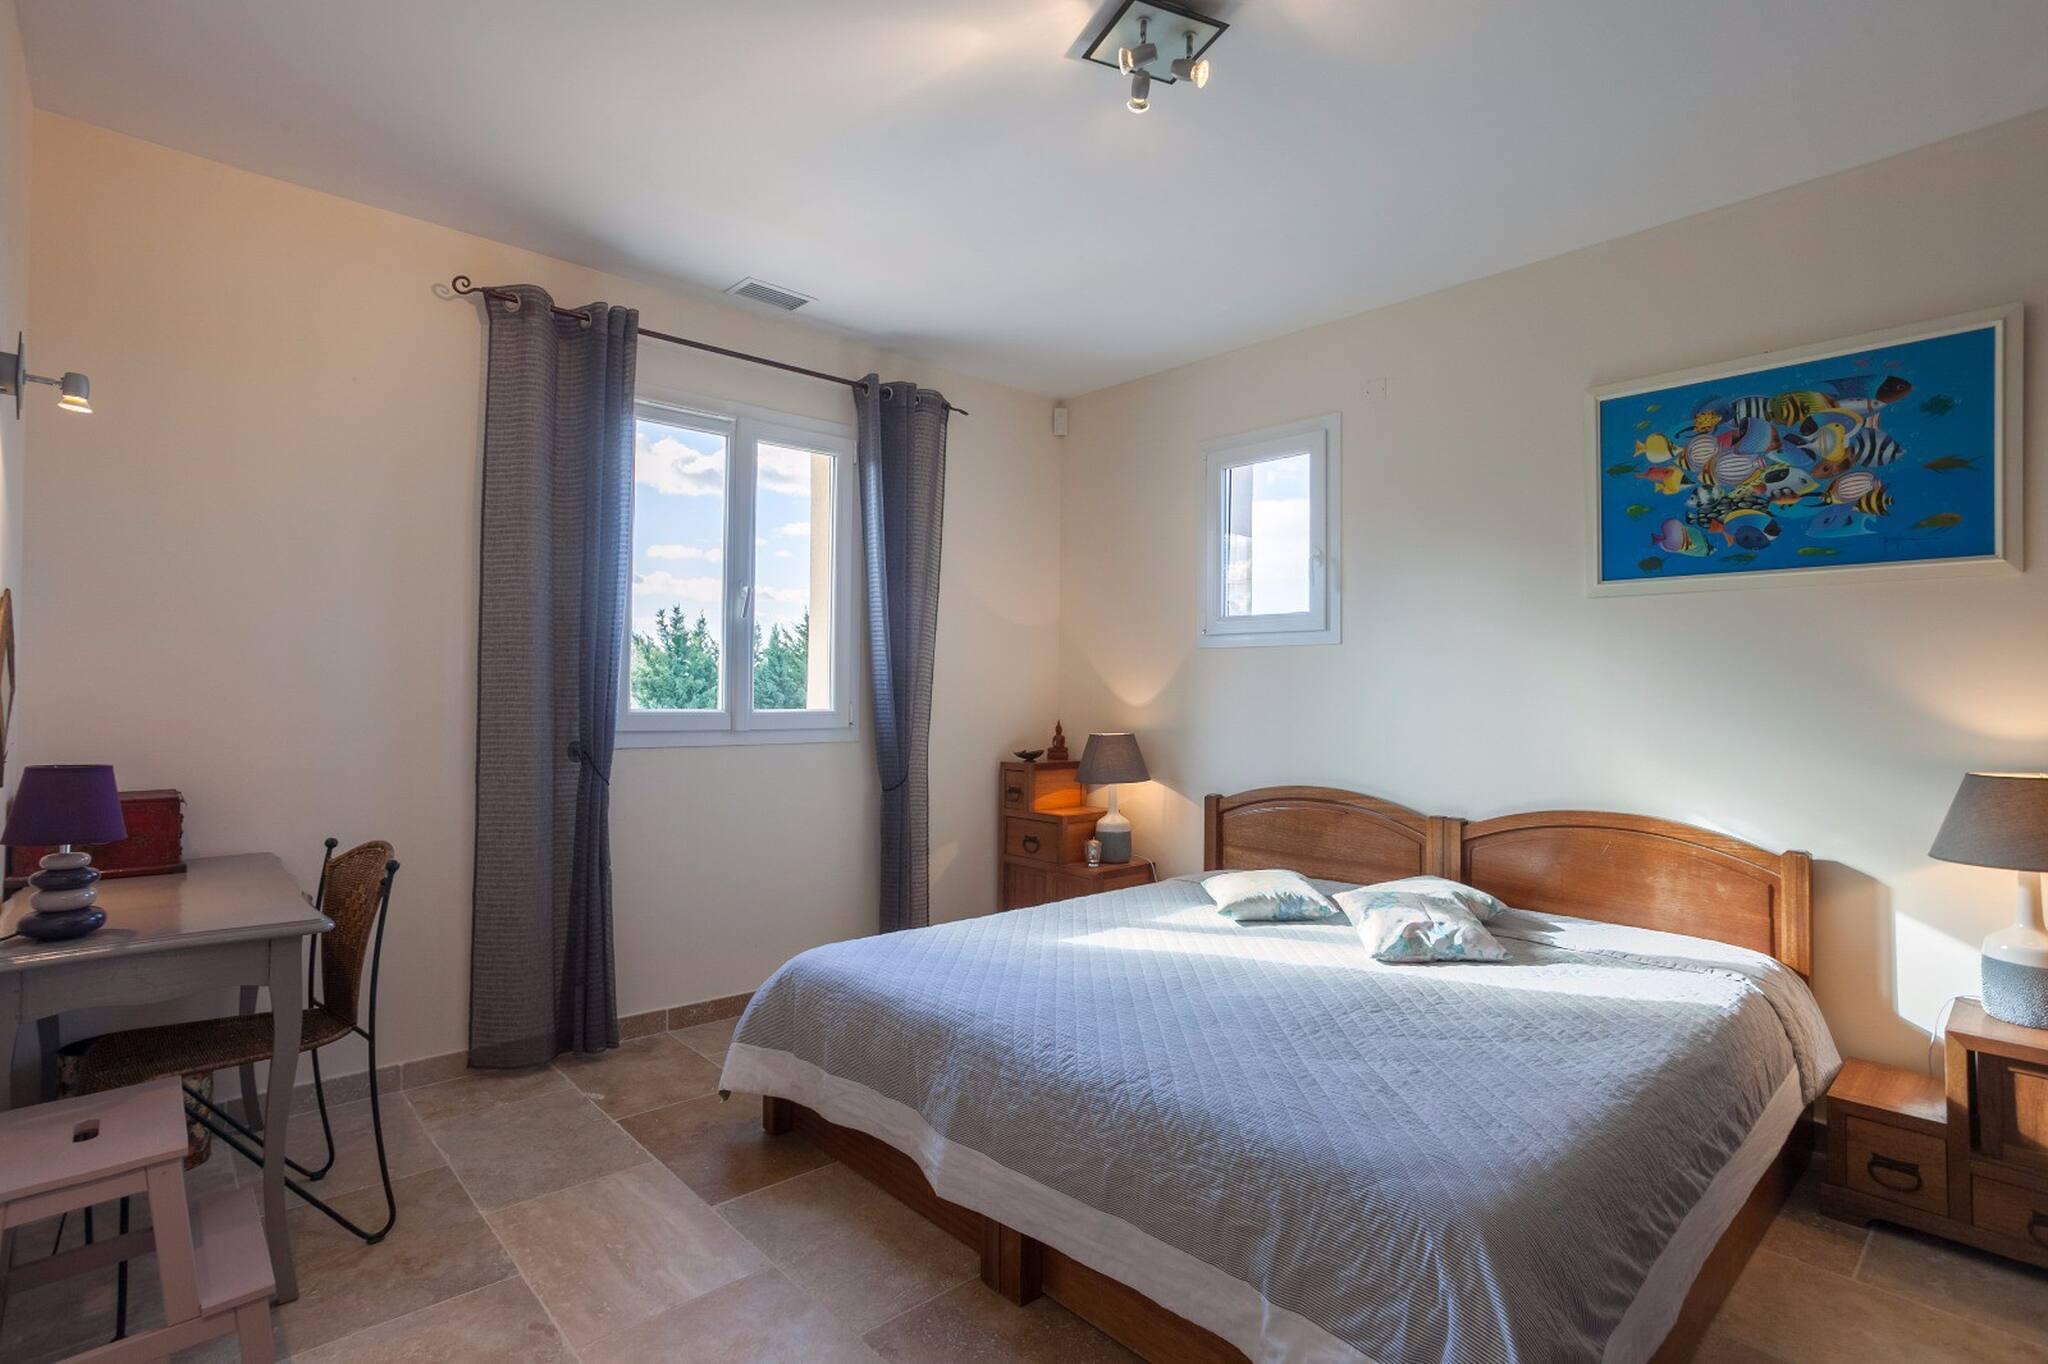 Maison de vacances La Bien Méritée - Für einen unvergesslichen Urlaub (2647544), L'Isle sur la Sorgue, Vaucluse, Provence - Alpes - Côte d'Azur, France, image 18